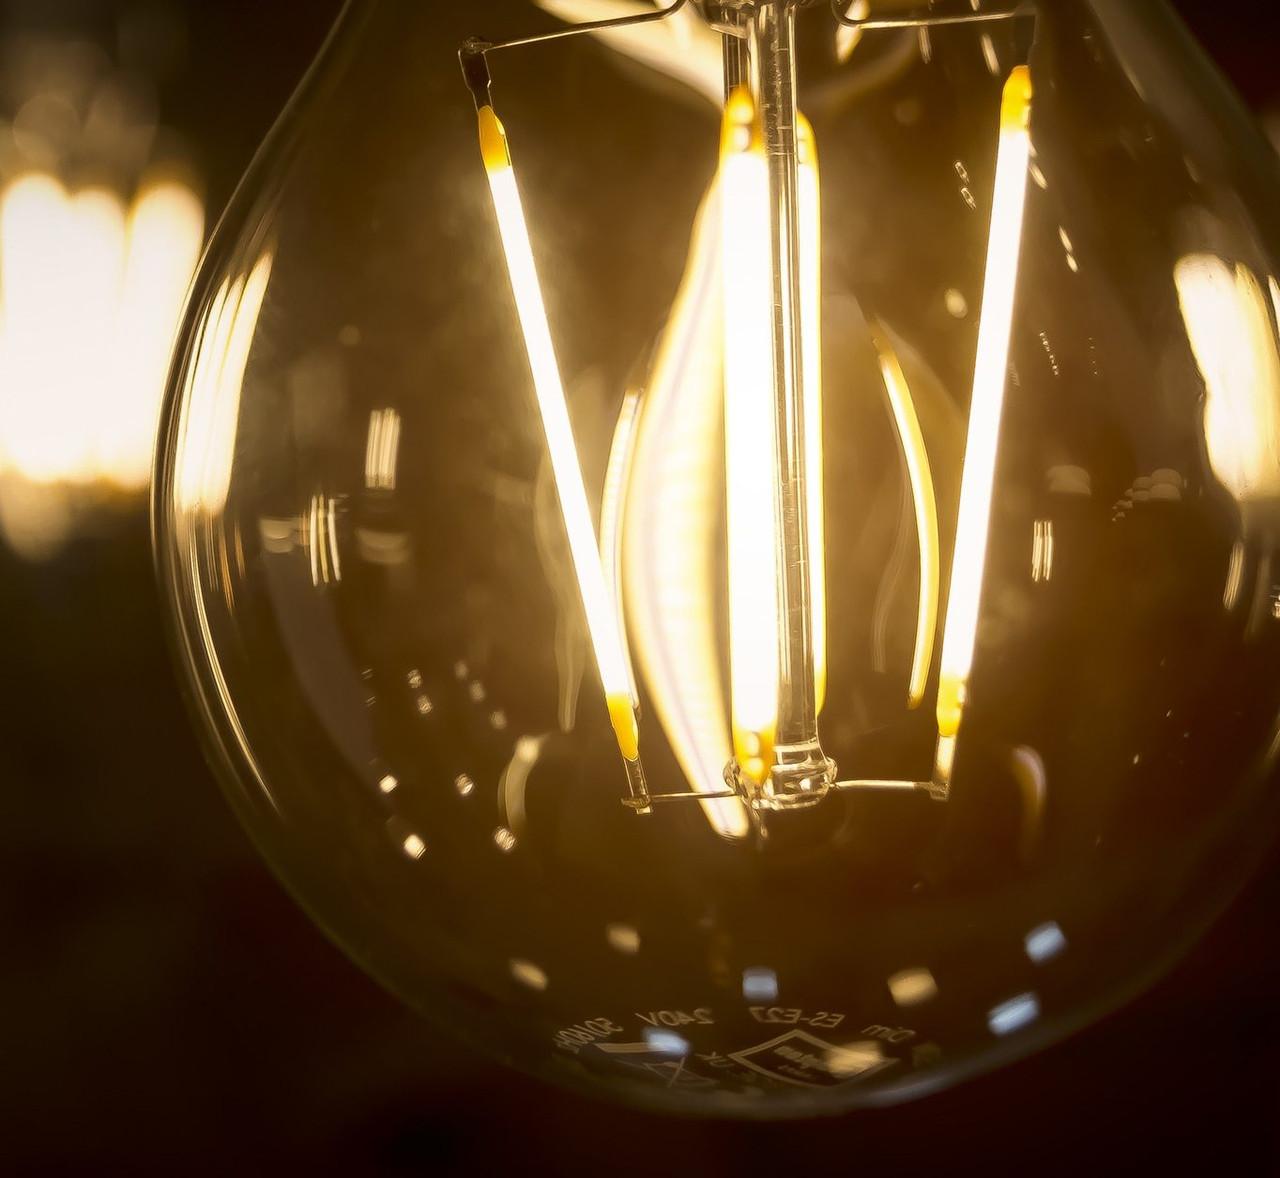 LED Dimmable A60 B22 Light Bulbs